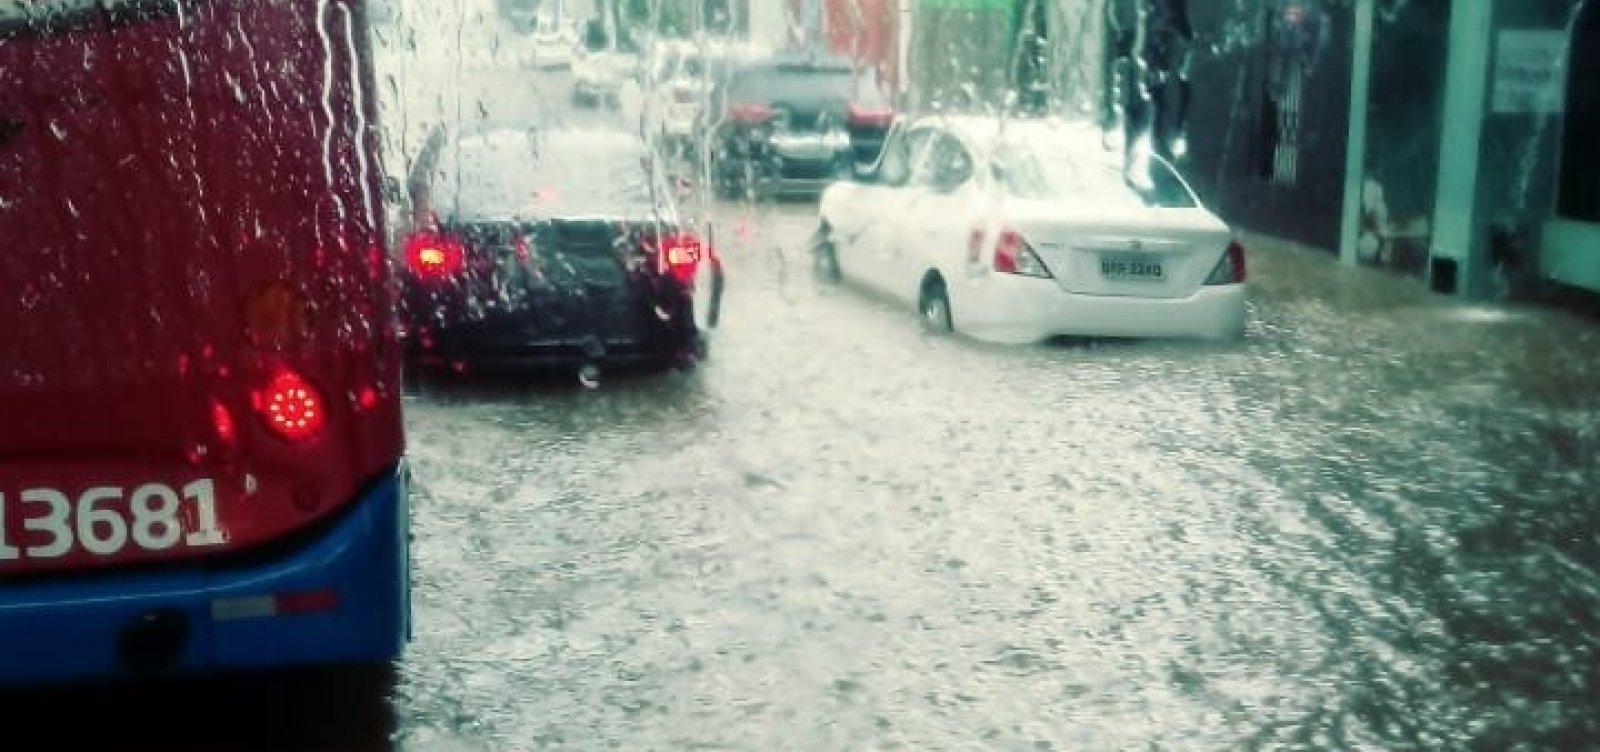 [Chuva deixa Avenida Centenário alagada; confira vídeo]